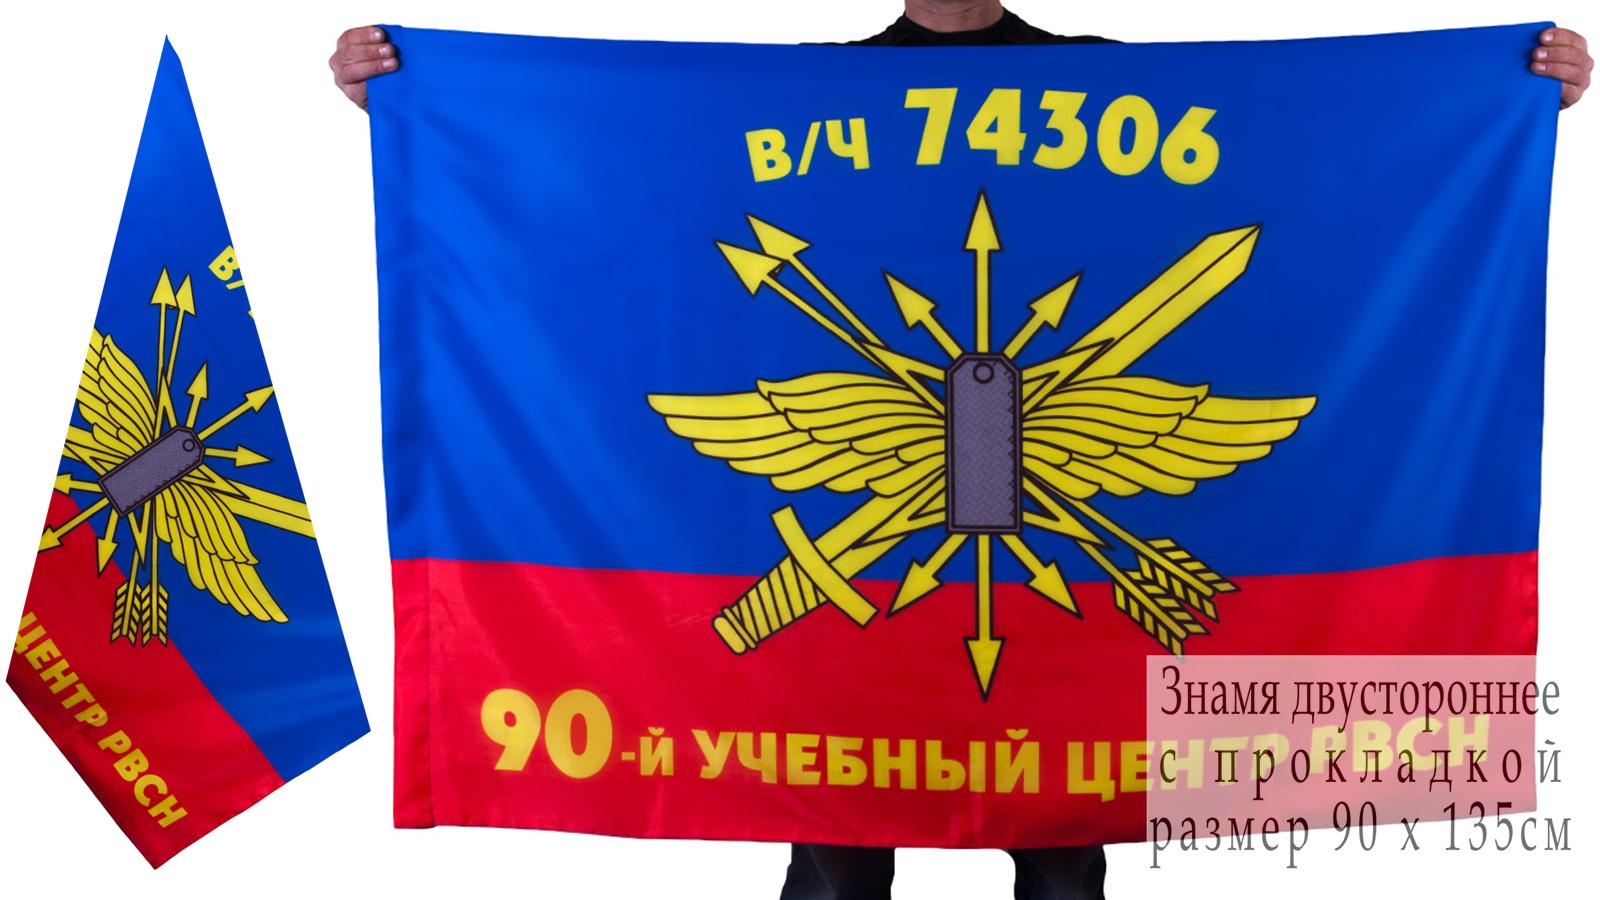 Знамя 90-го учебного центра РВСН